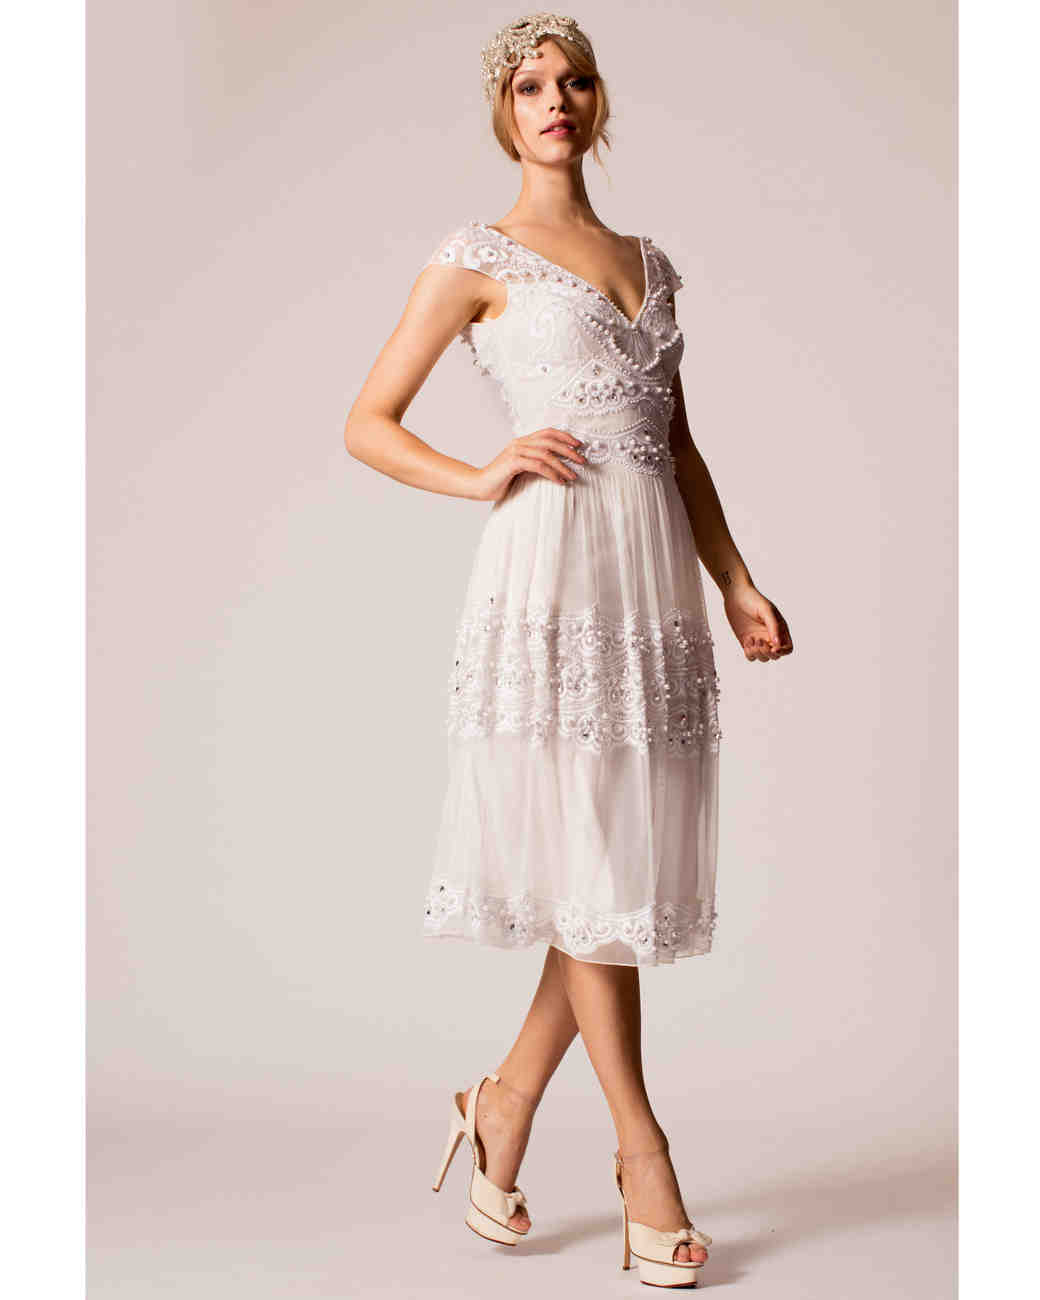 trends-pearls-temperley-london-fall2016-tatiana-dress-1015.jpg